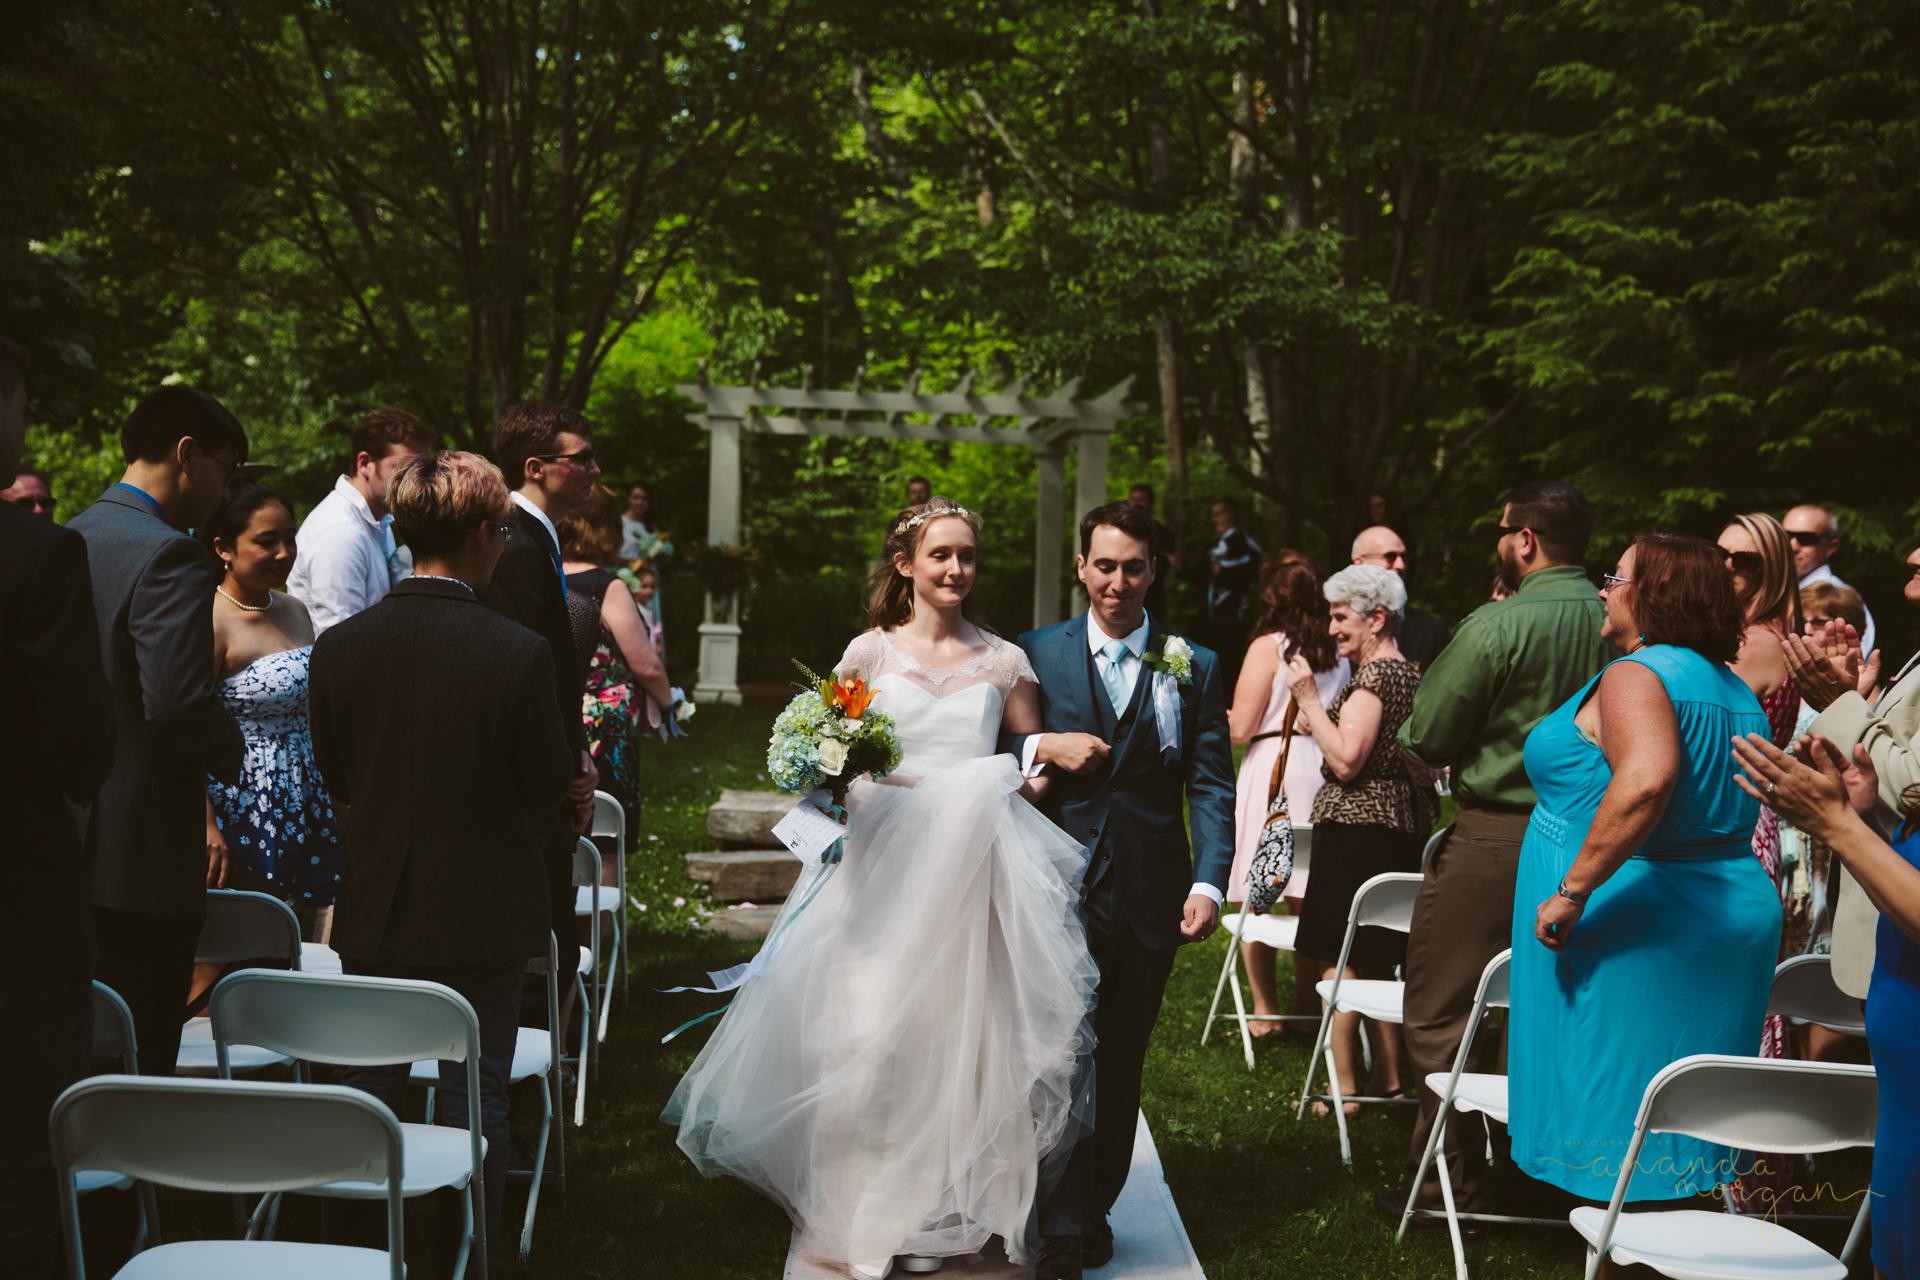 Glimmerstone-Mansion-Vermont-Wedding-Amanda-Morgan-33.jpg